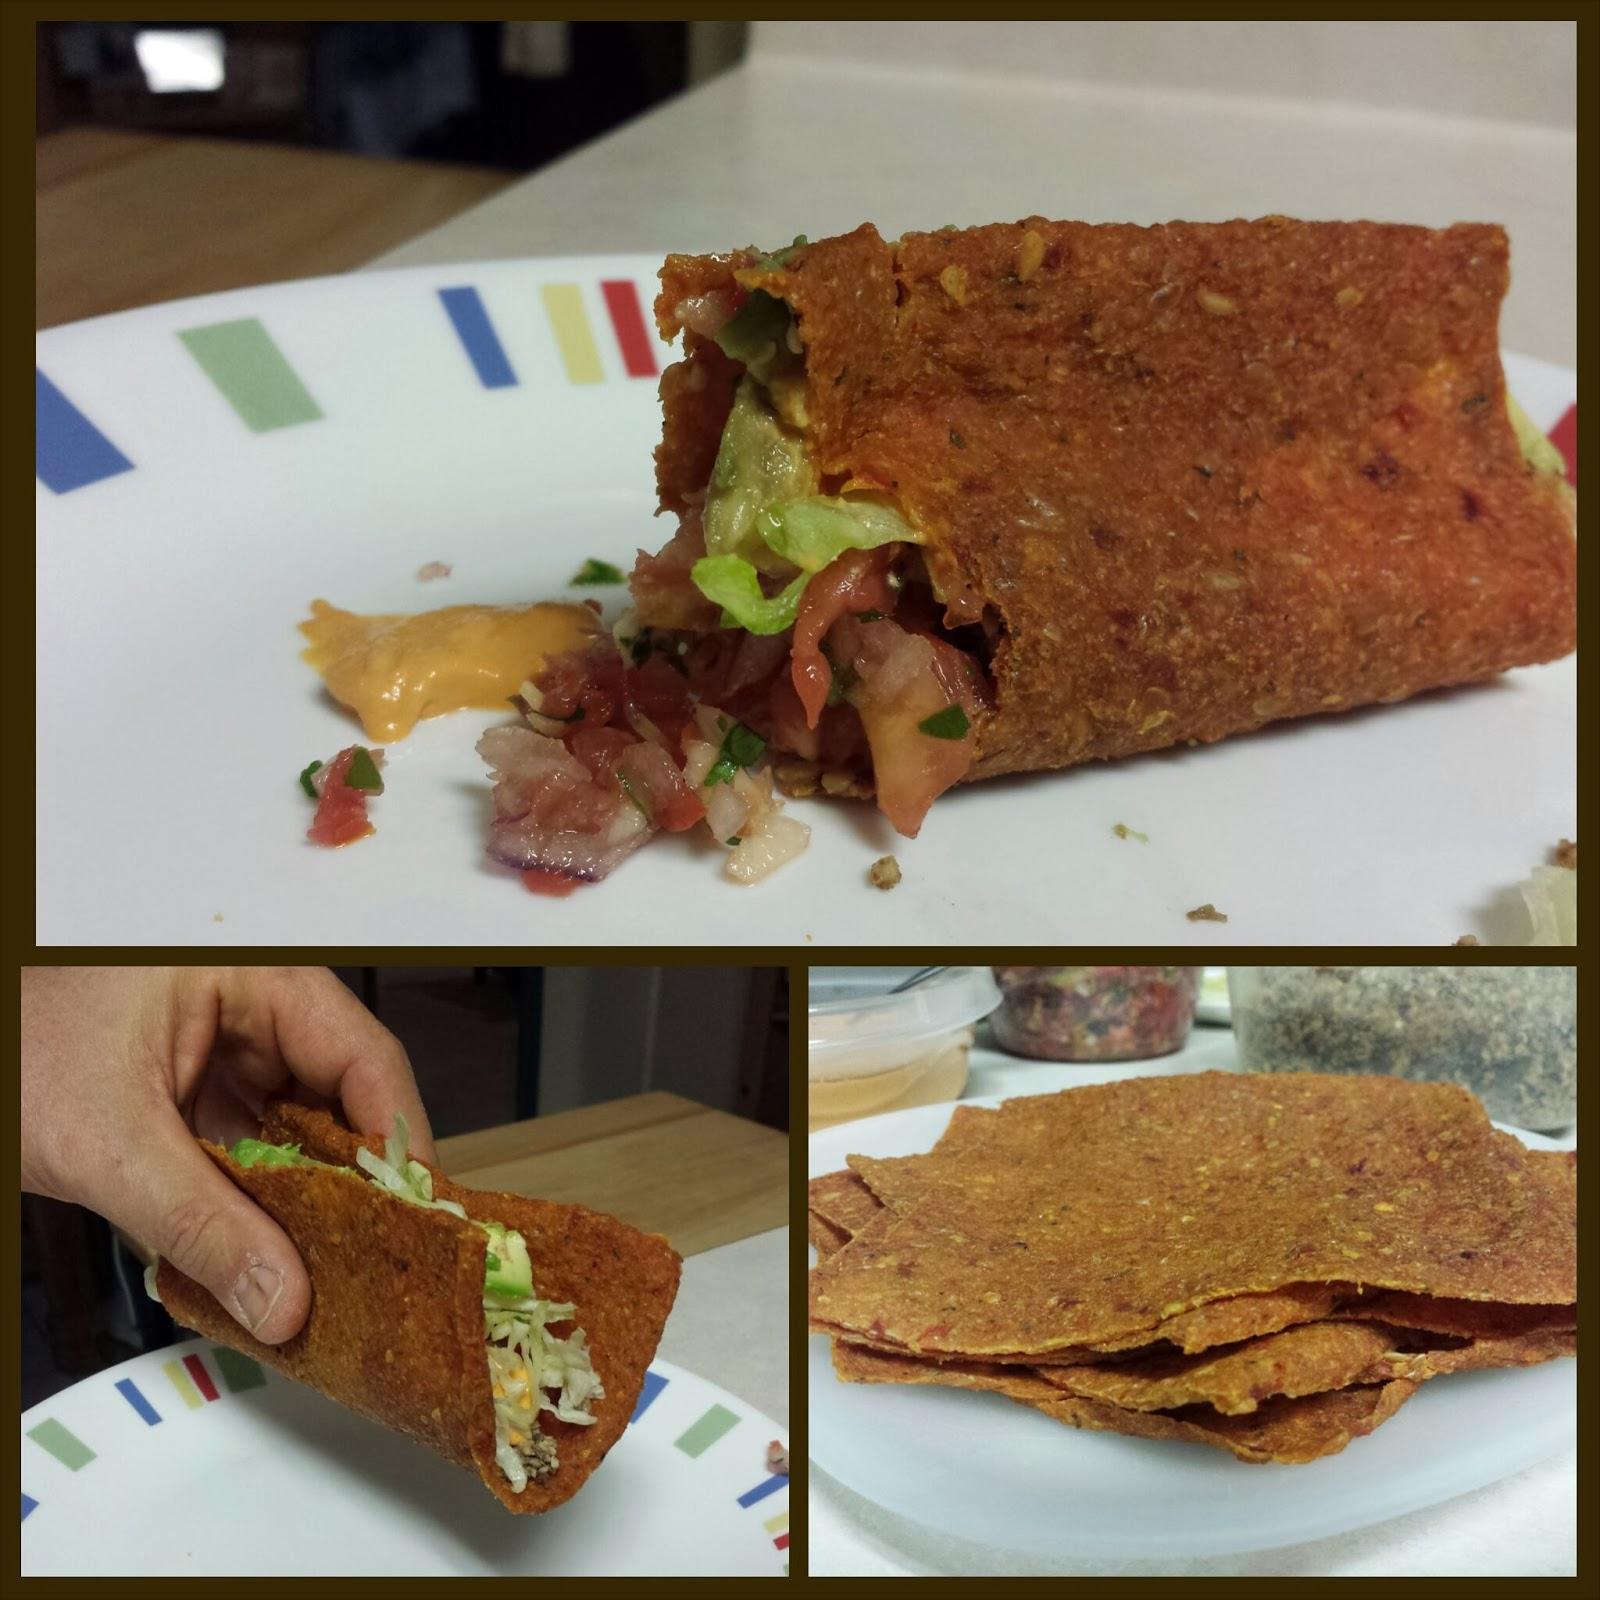 http://www.rockisrocknbeads.blogspot.com/2014/01/raw-vegan-taco-night.html